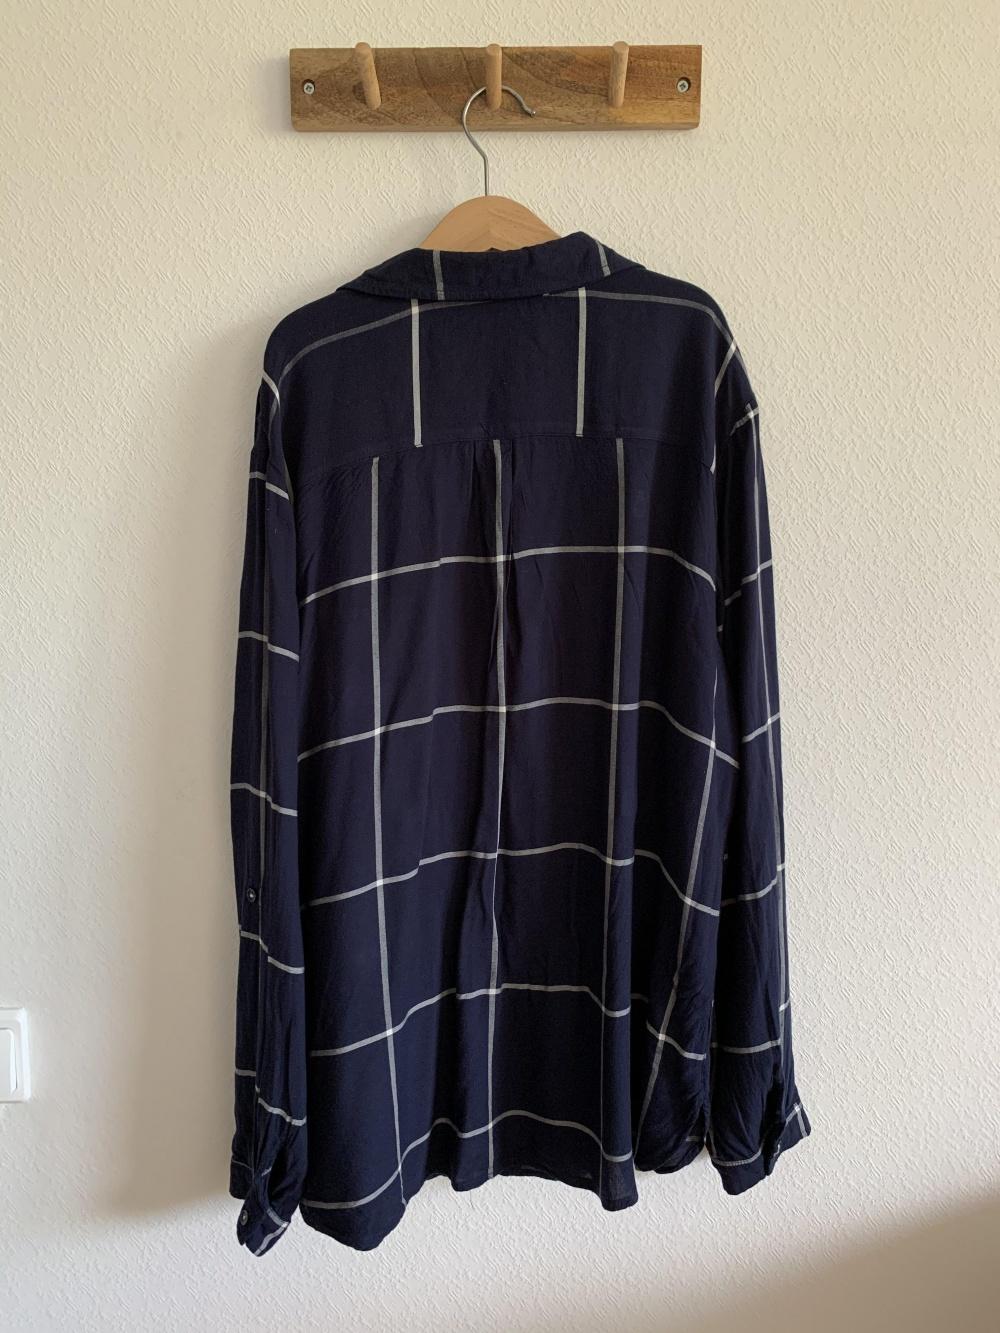 Рубашка Promod, размер М